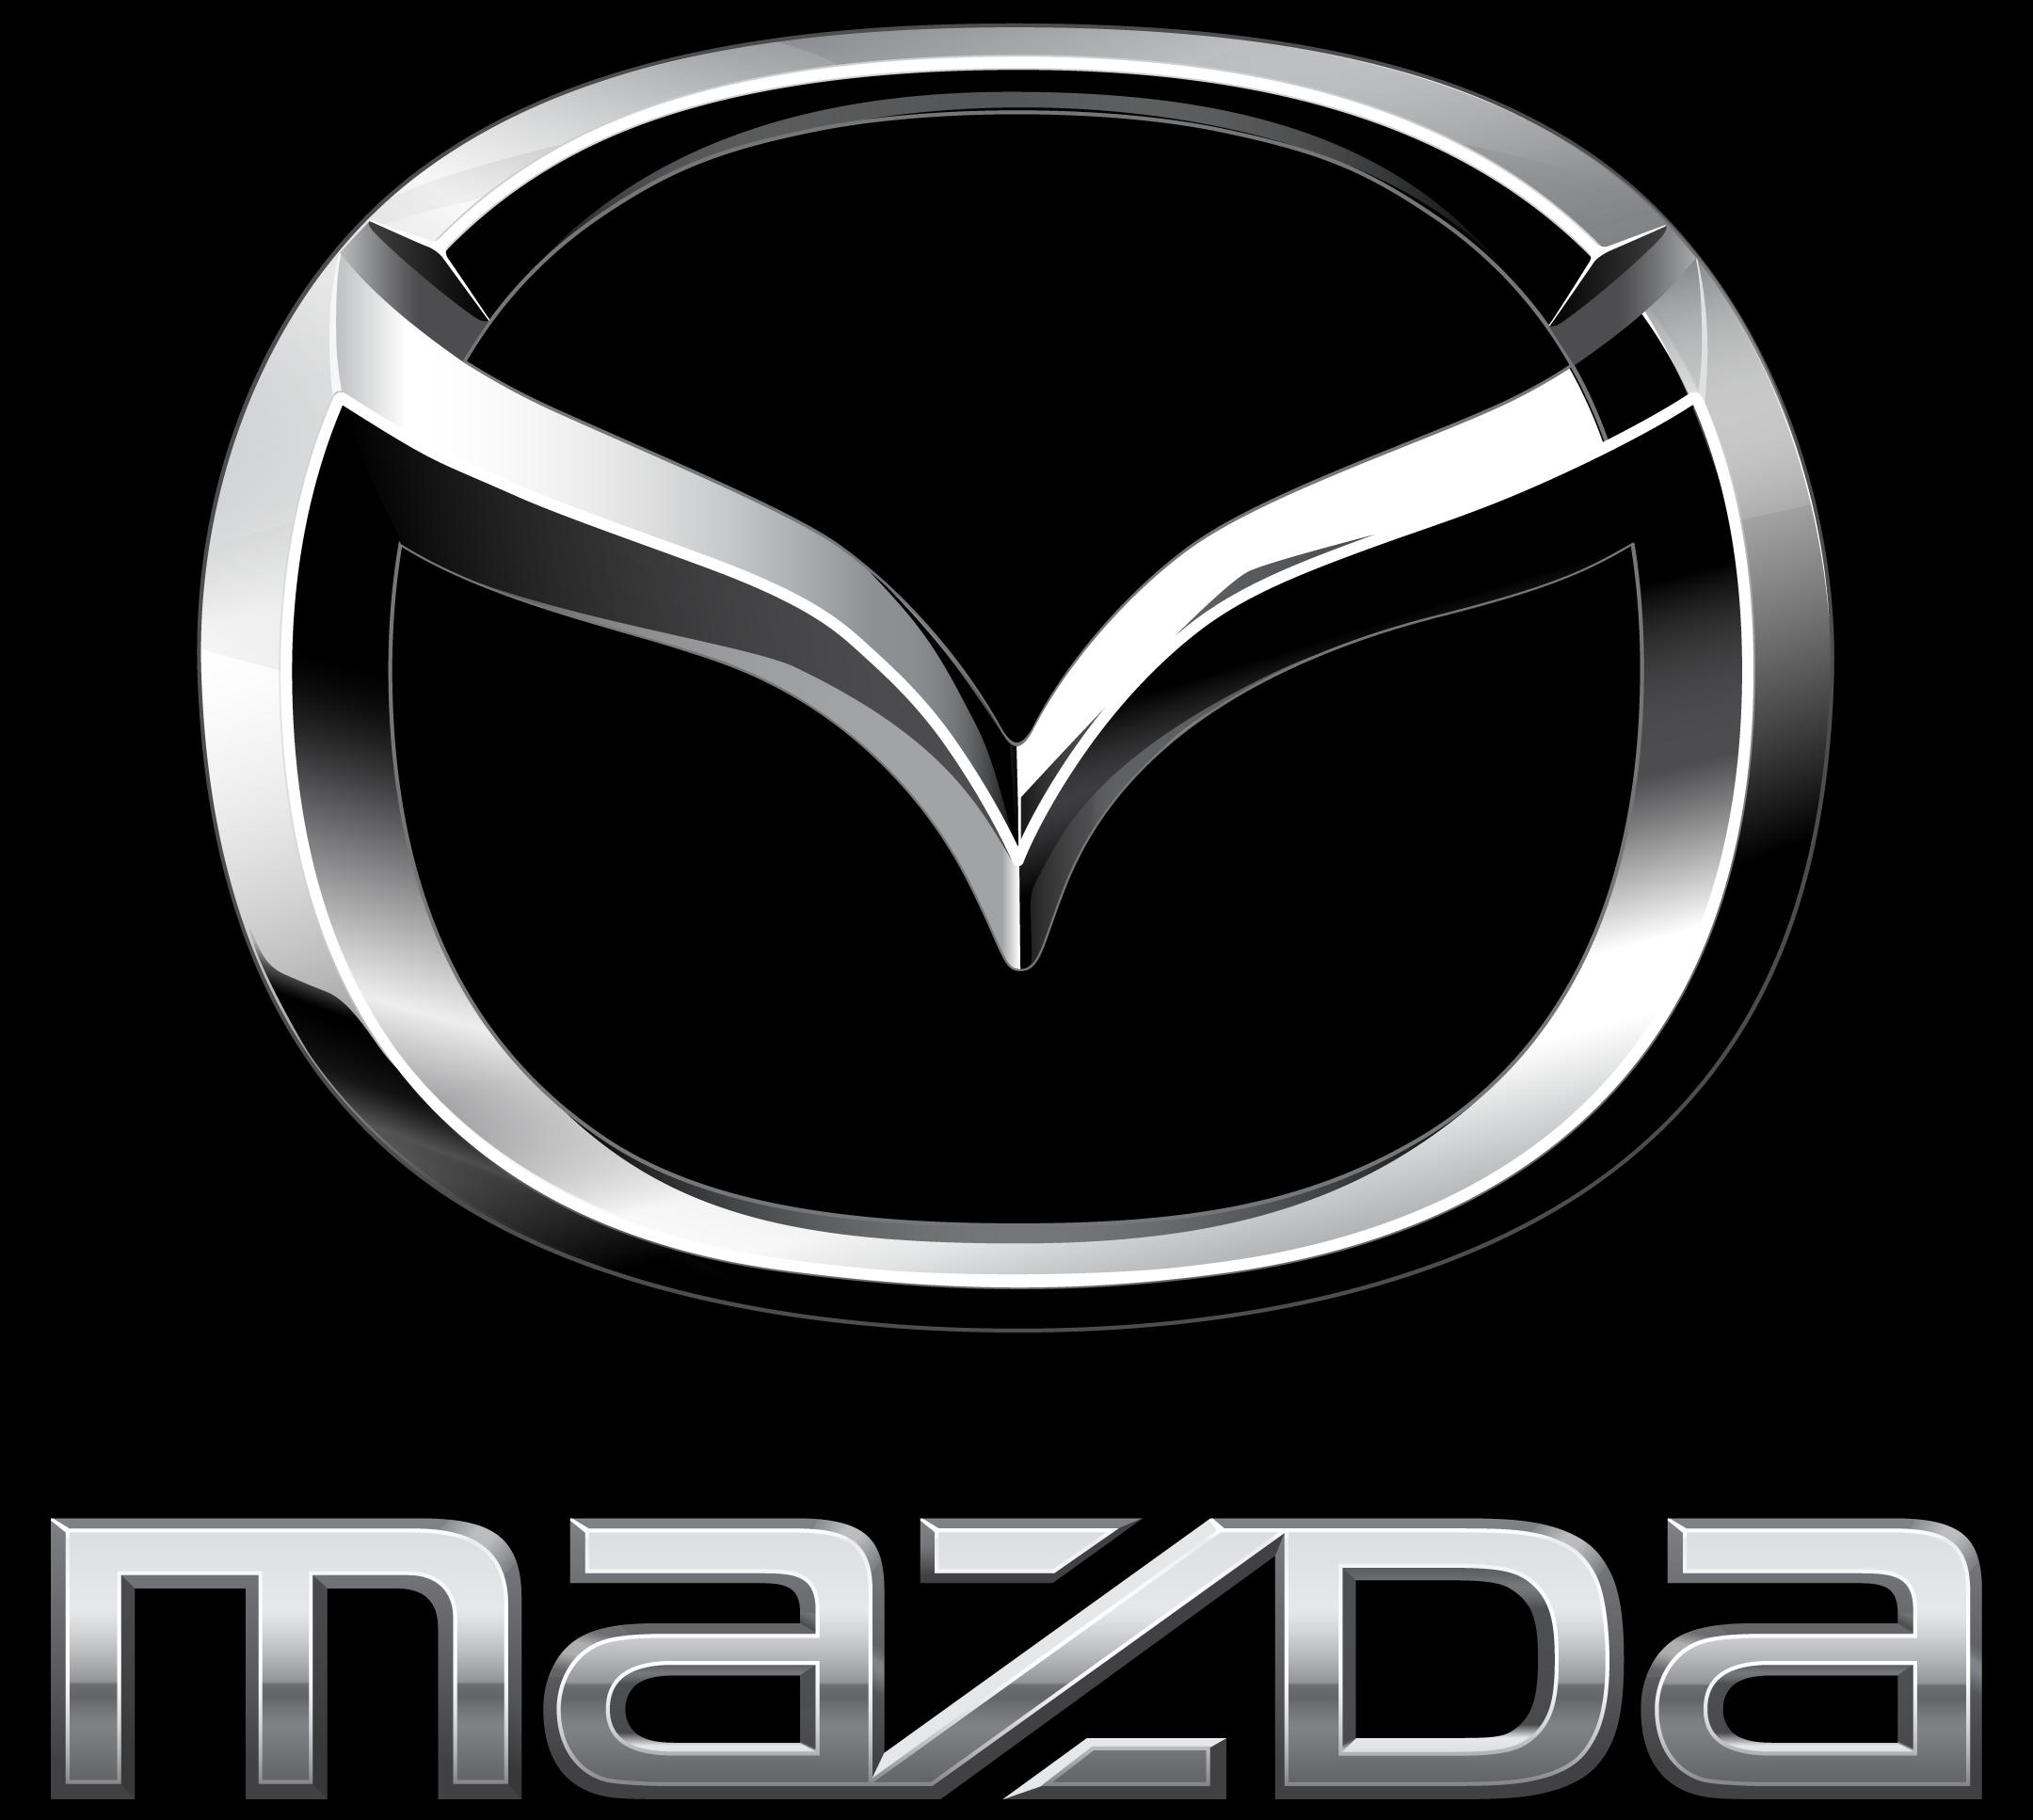 mazda logo 1 - Mazda Logo